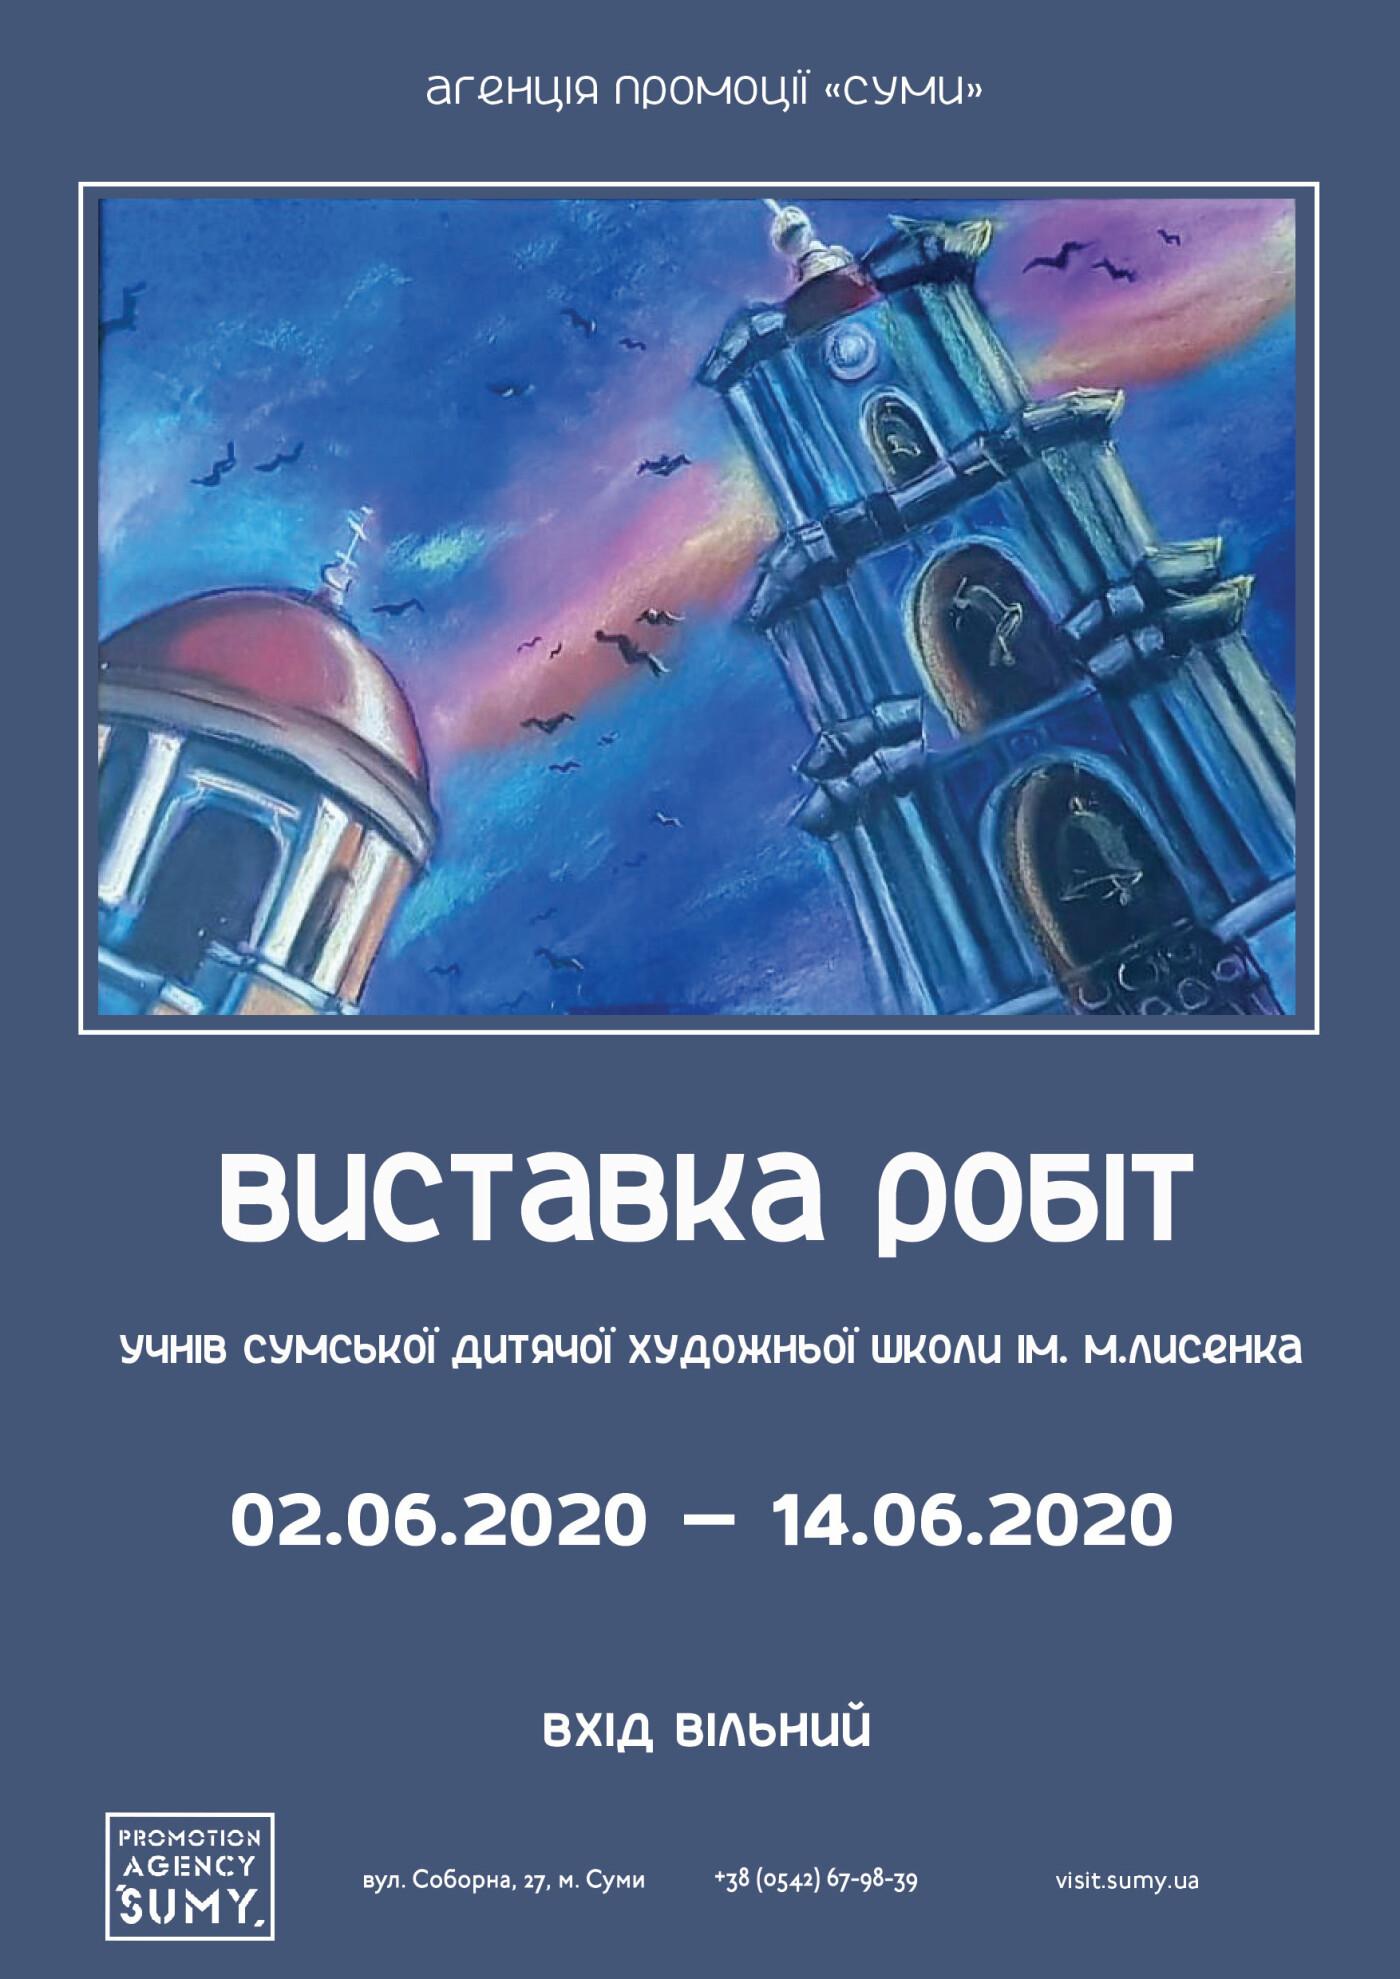 Сумчан запрошують до міської галереї на виставку робіт учнів дитячої художньої школи, фото-1